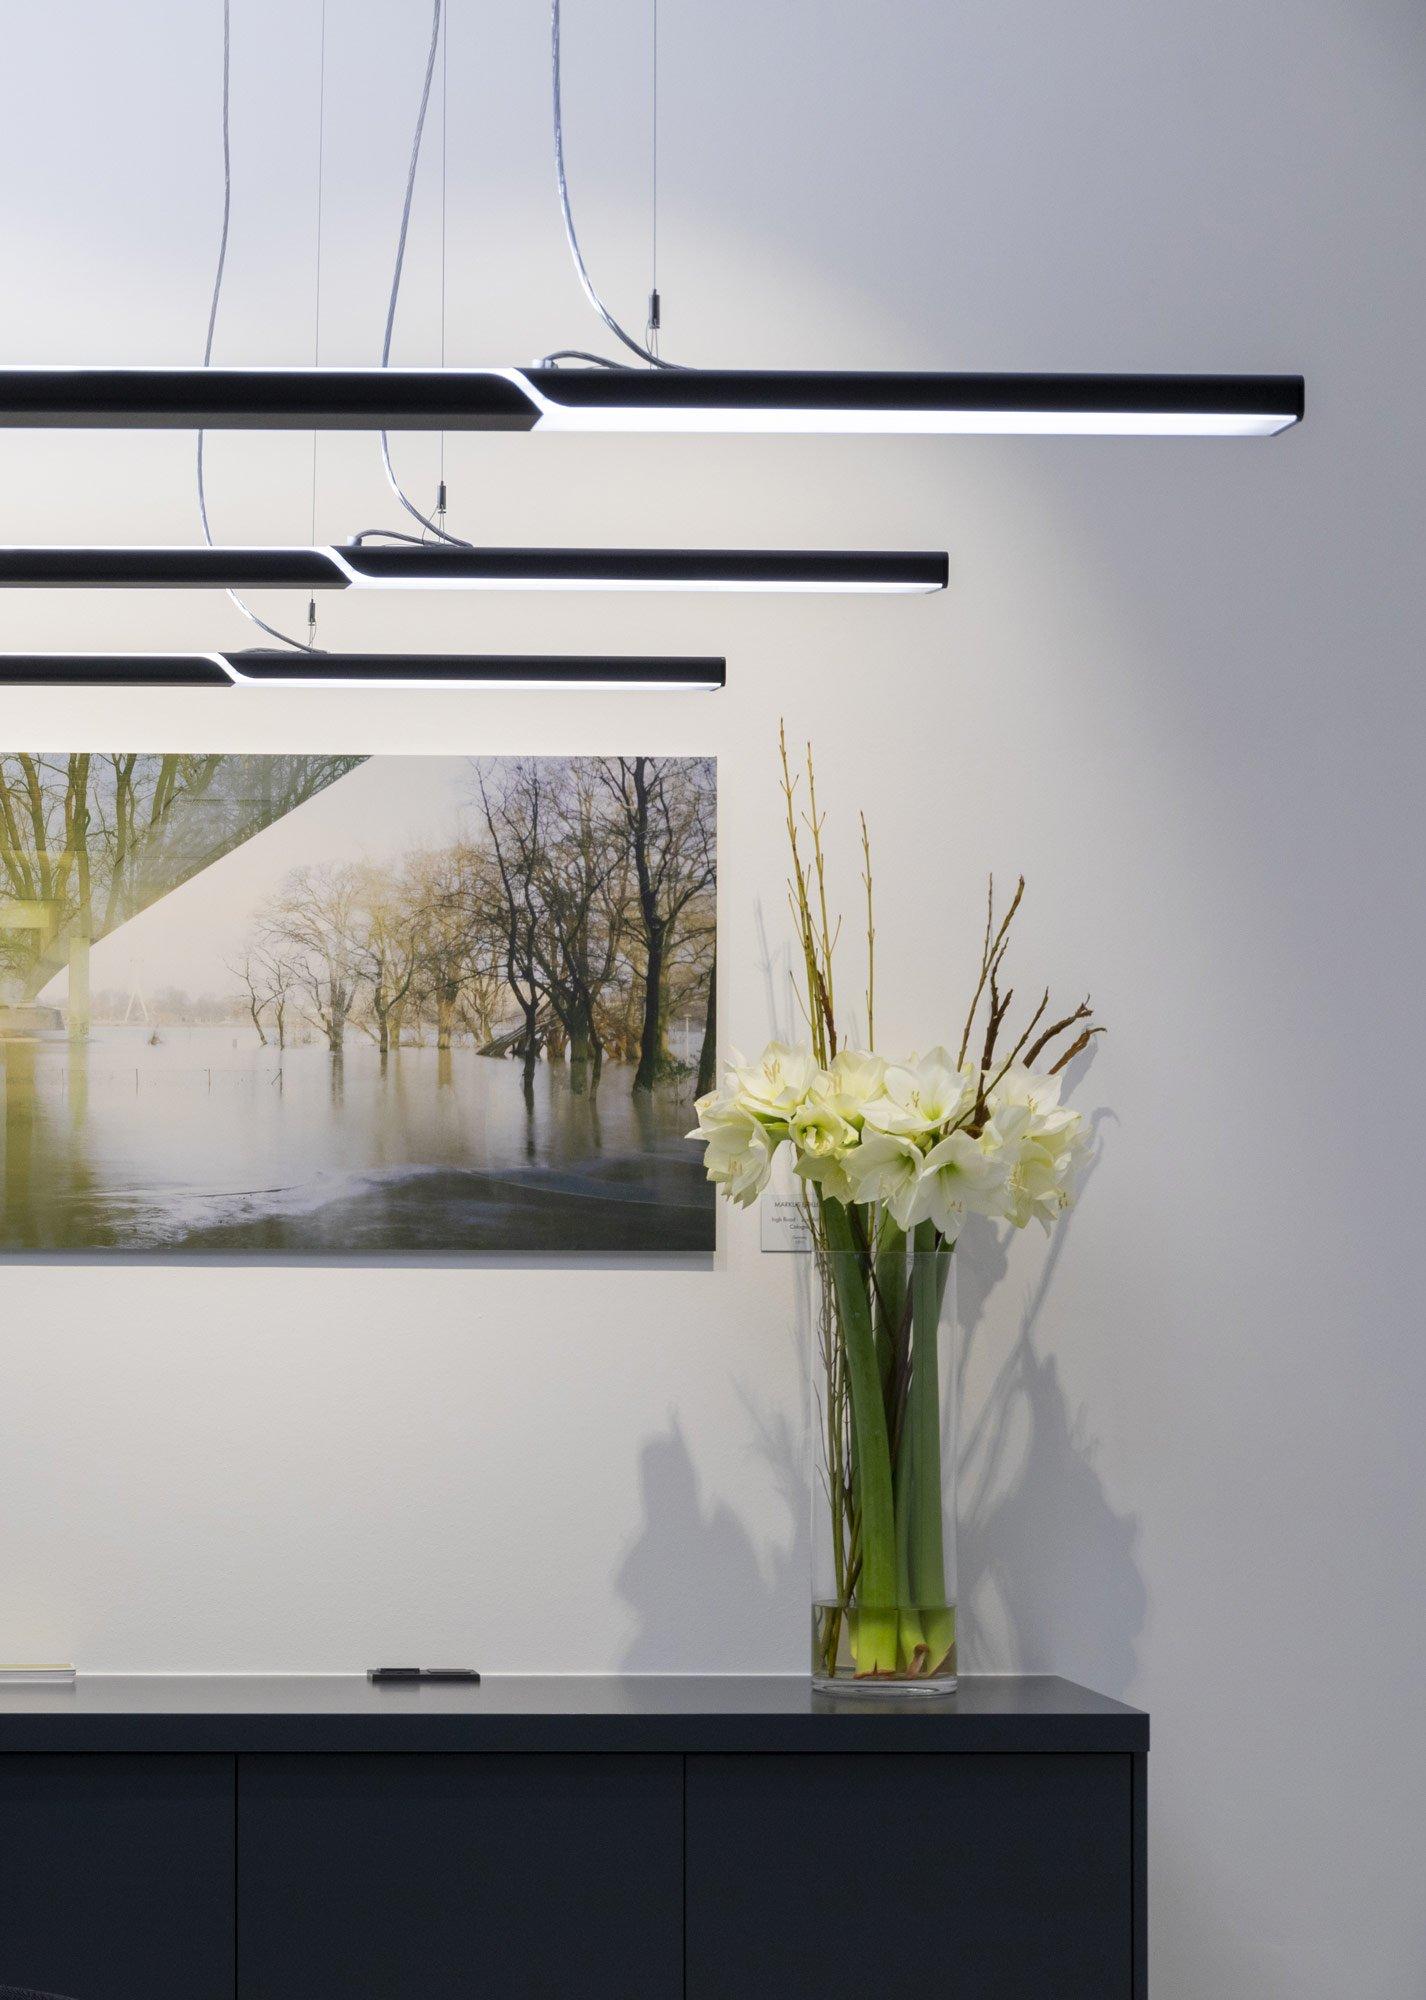 LED-Hängeleuchte für zeitgenössische Architekturkonzepte von TRILUX